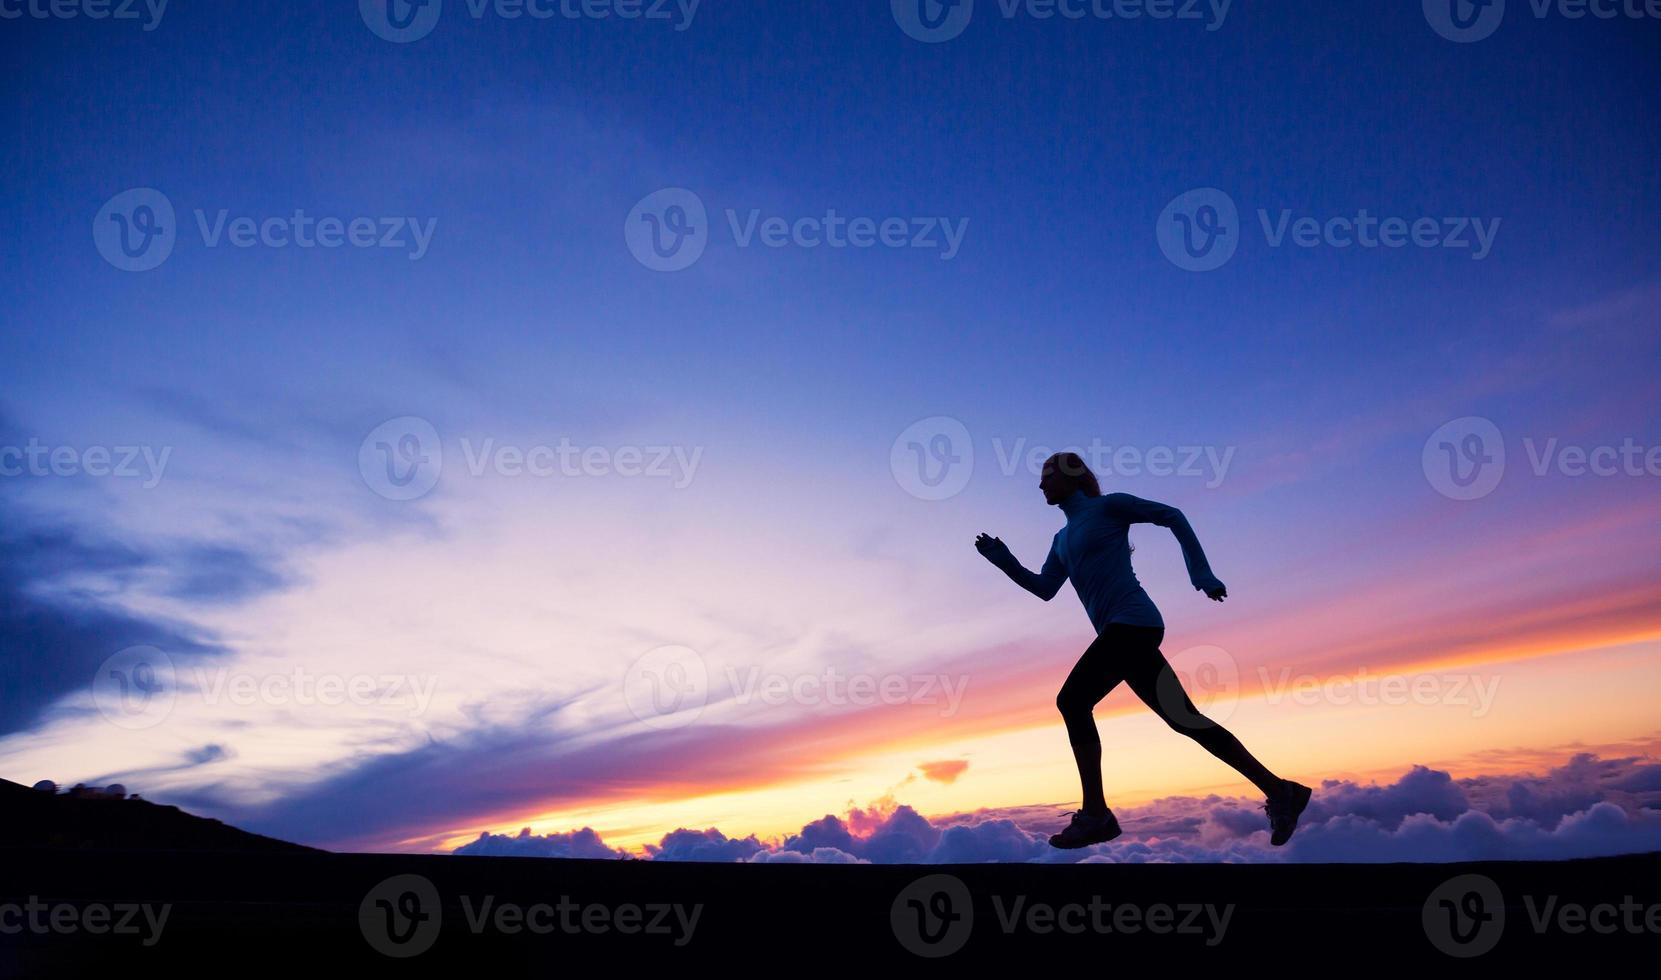 vrouwelijke loper silhouet, tegenkomt zonsondergang foto